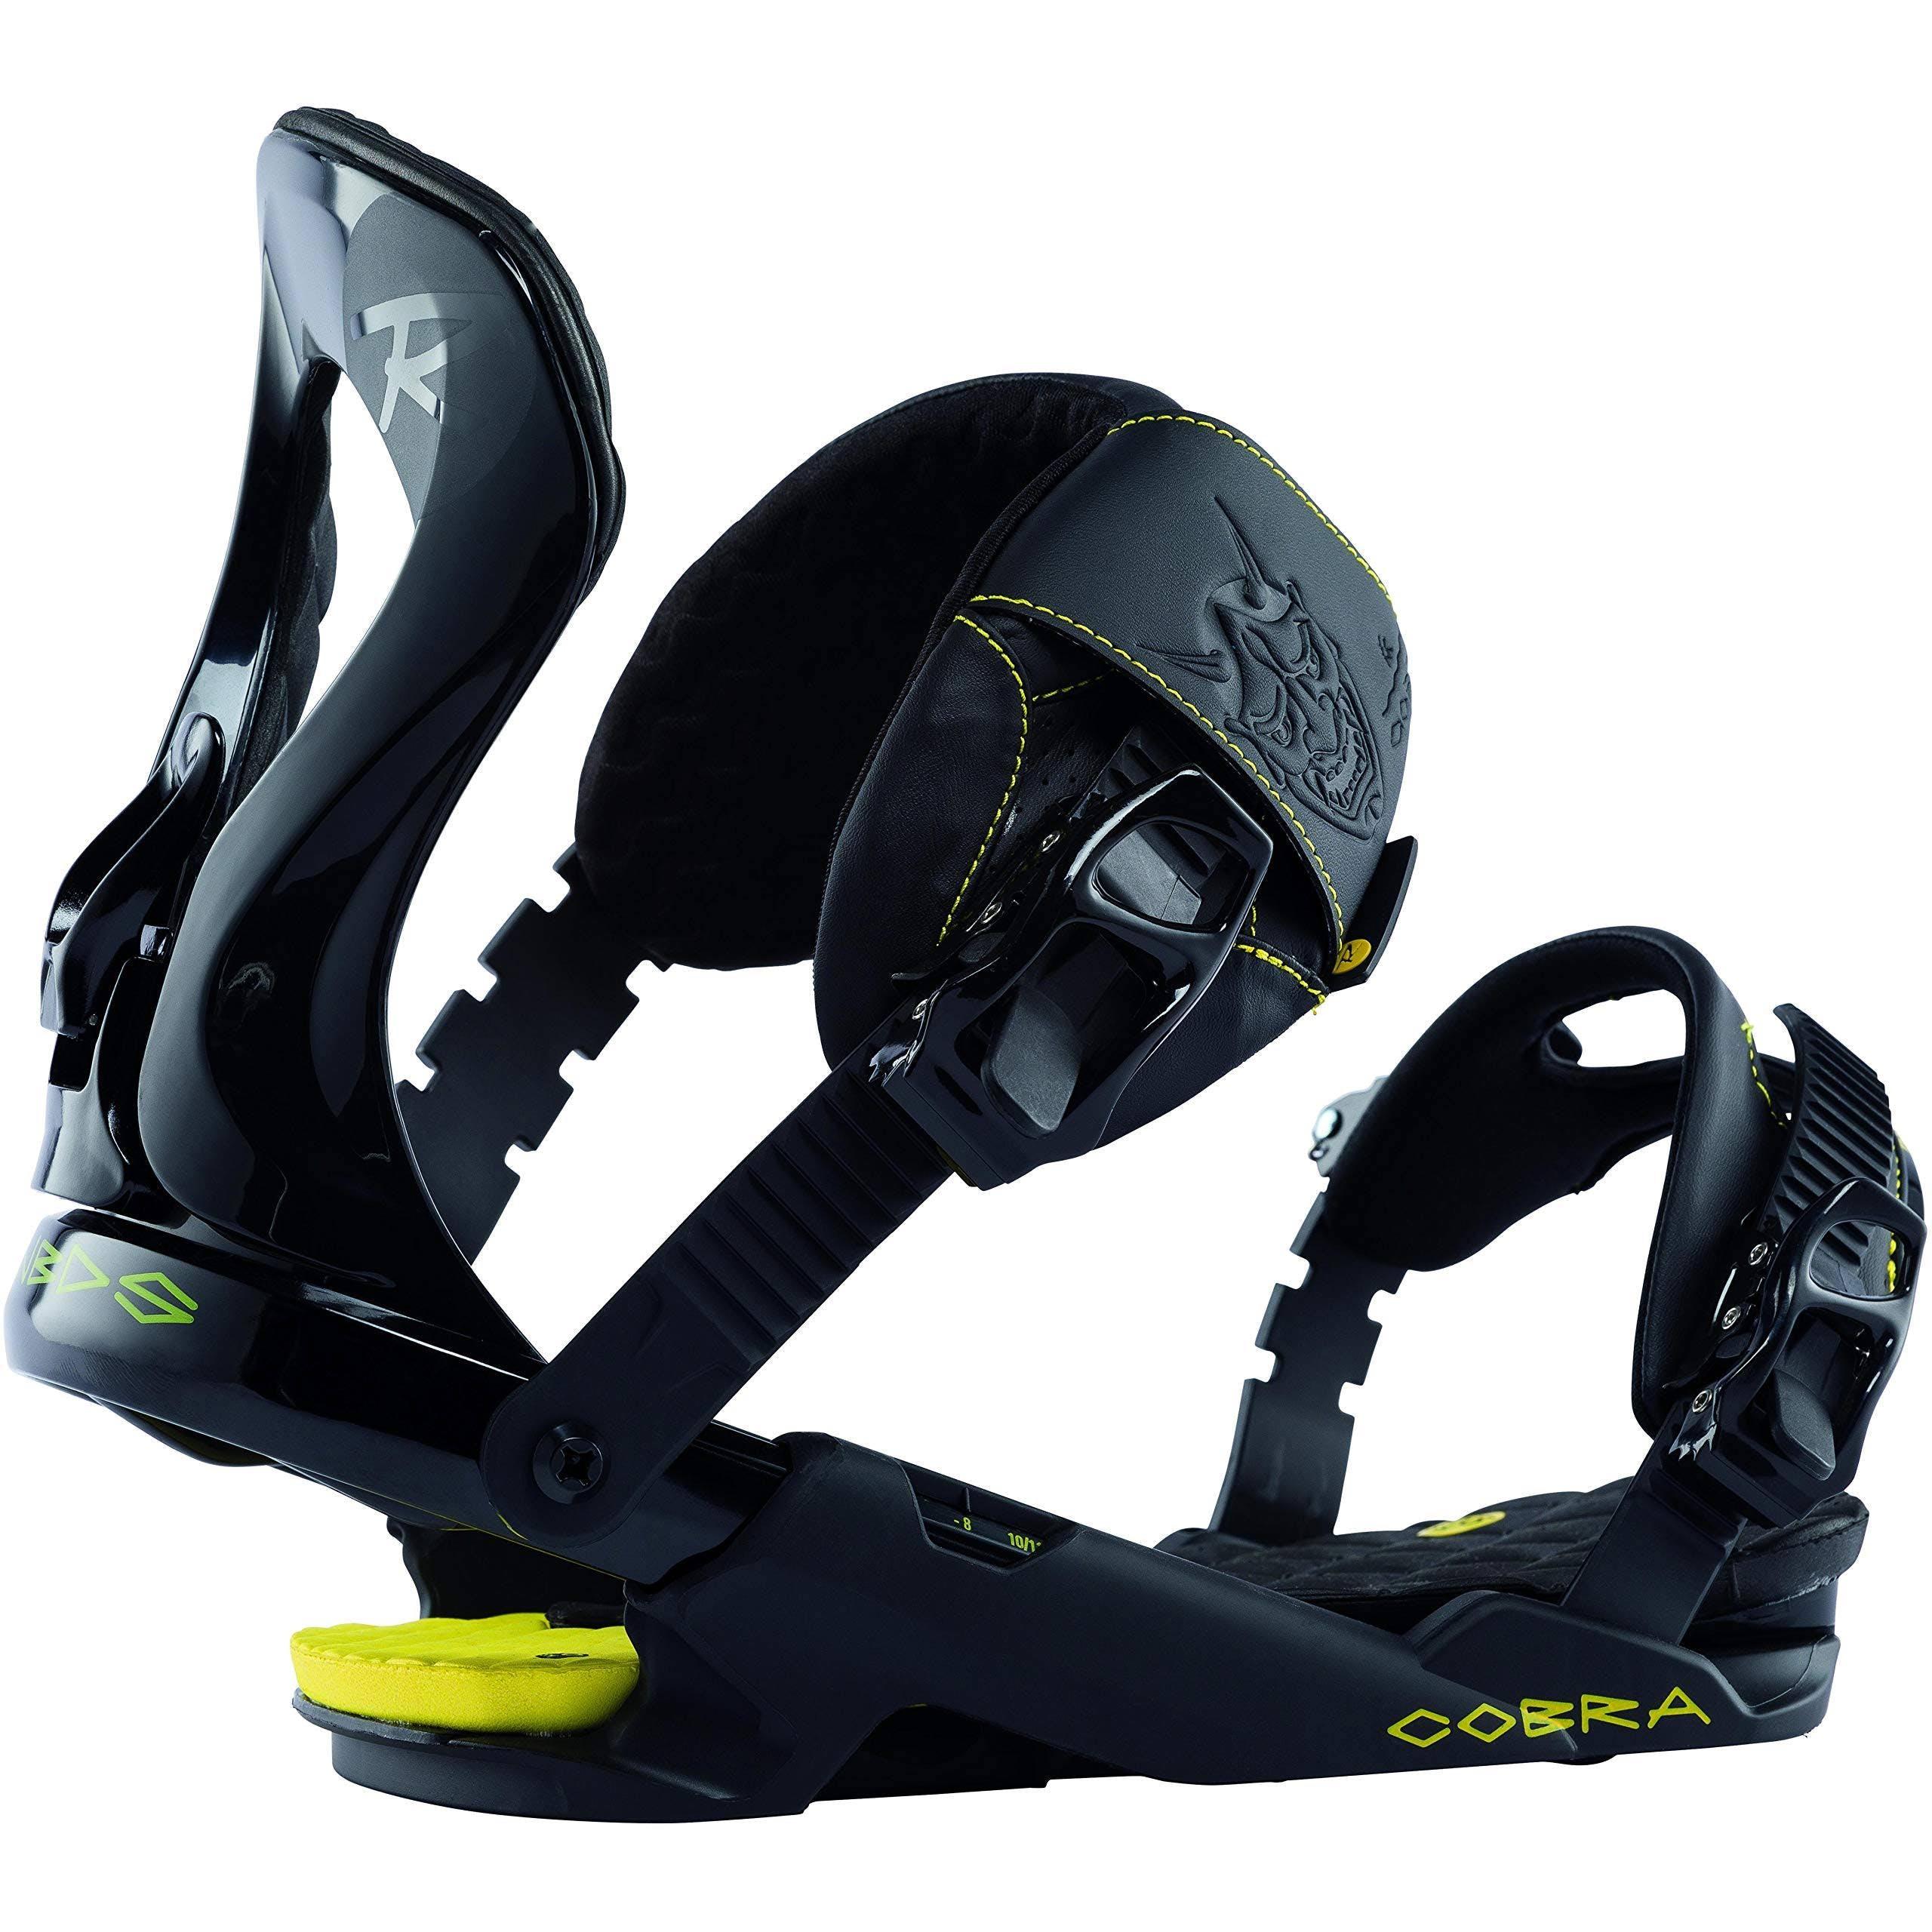 Rossignol Cobra Snowboard Bindings · 2020